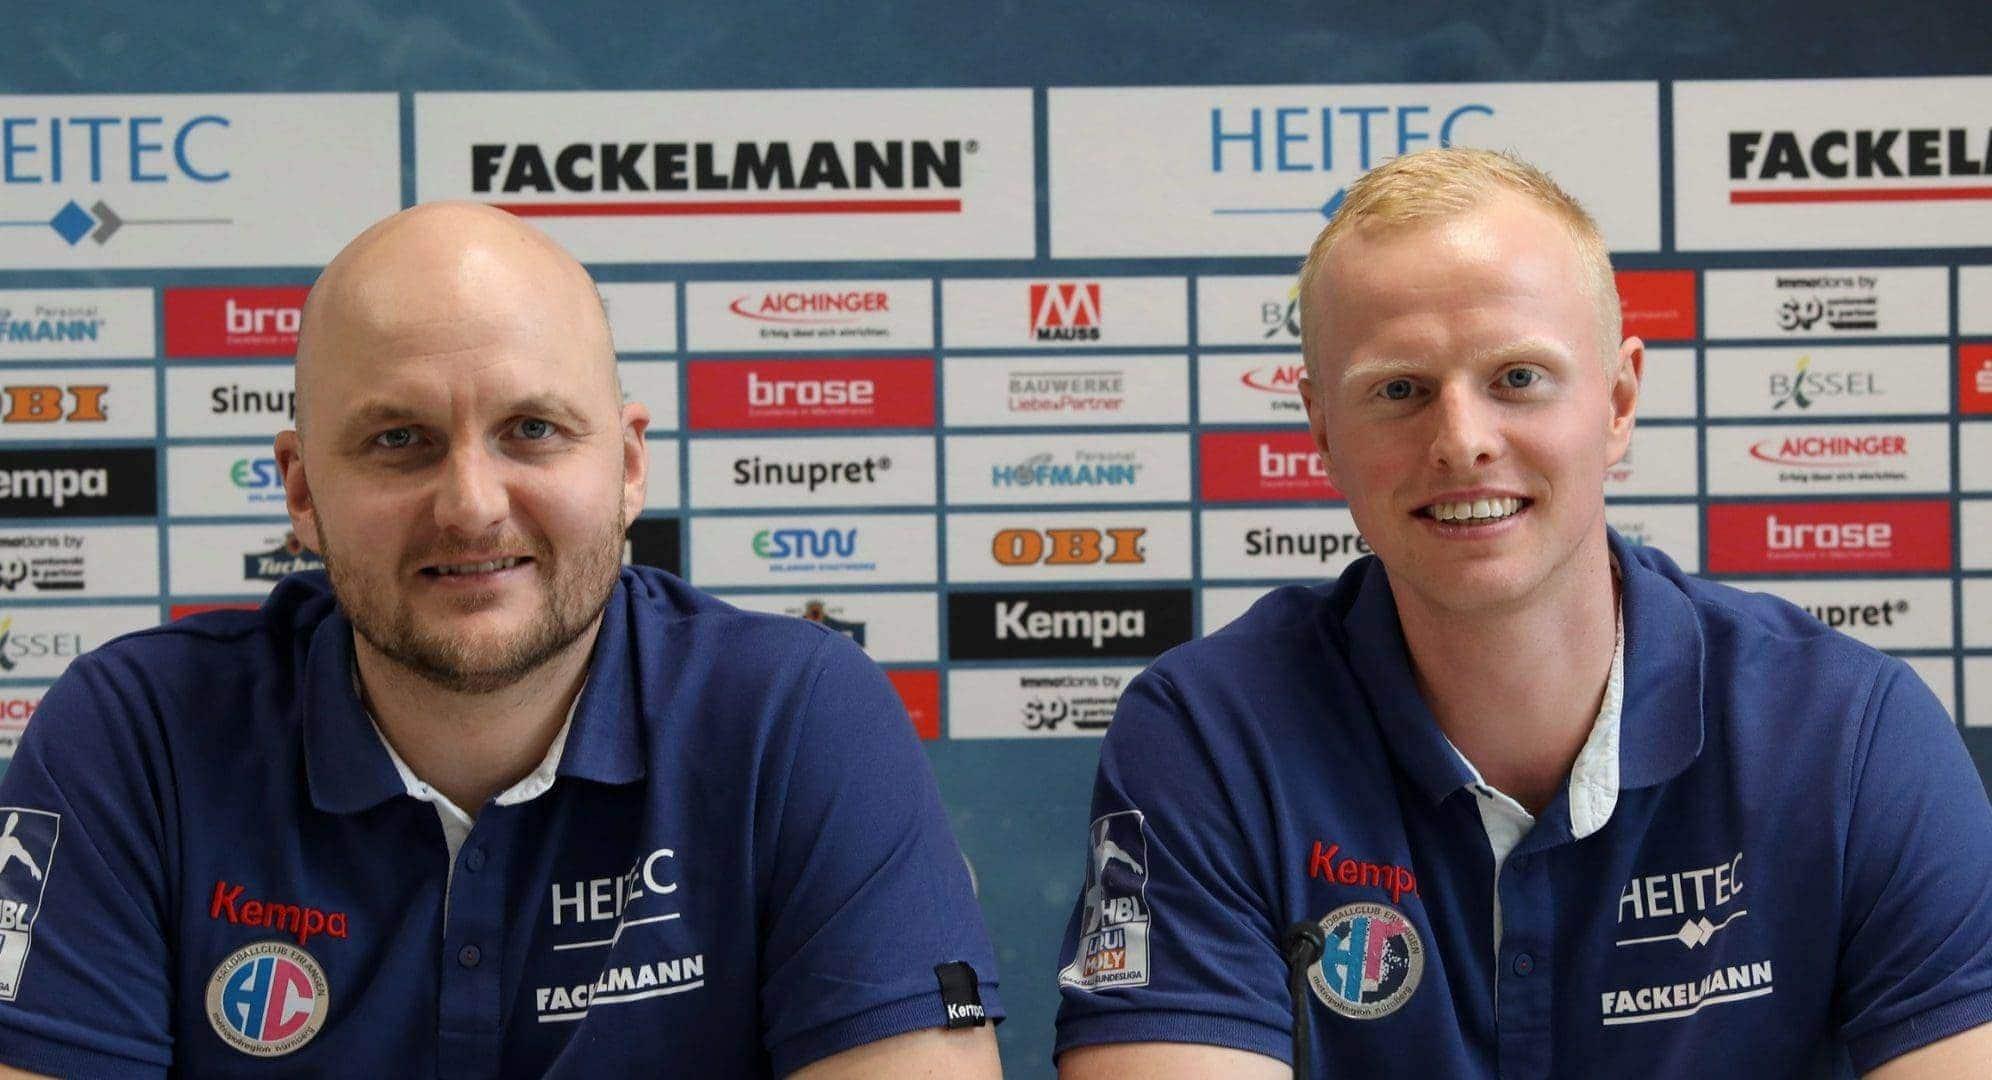 HC Erlangen: Saison-Highlight gegen den Rekordmeister Kiel HC Erlangen: Saison-Highlight gegen den Rekordmeister Kiel